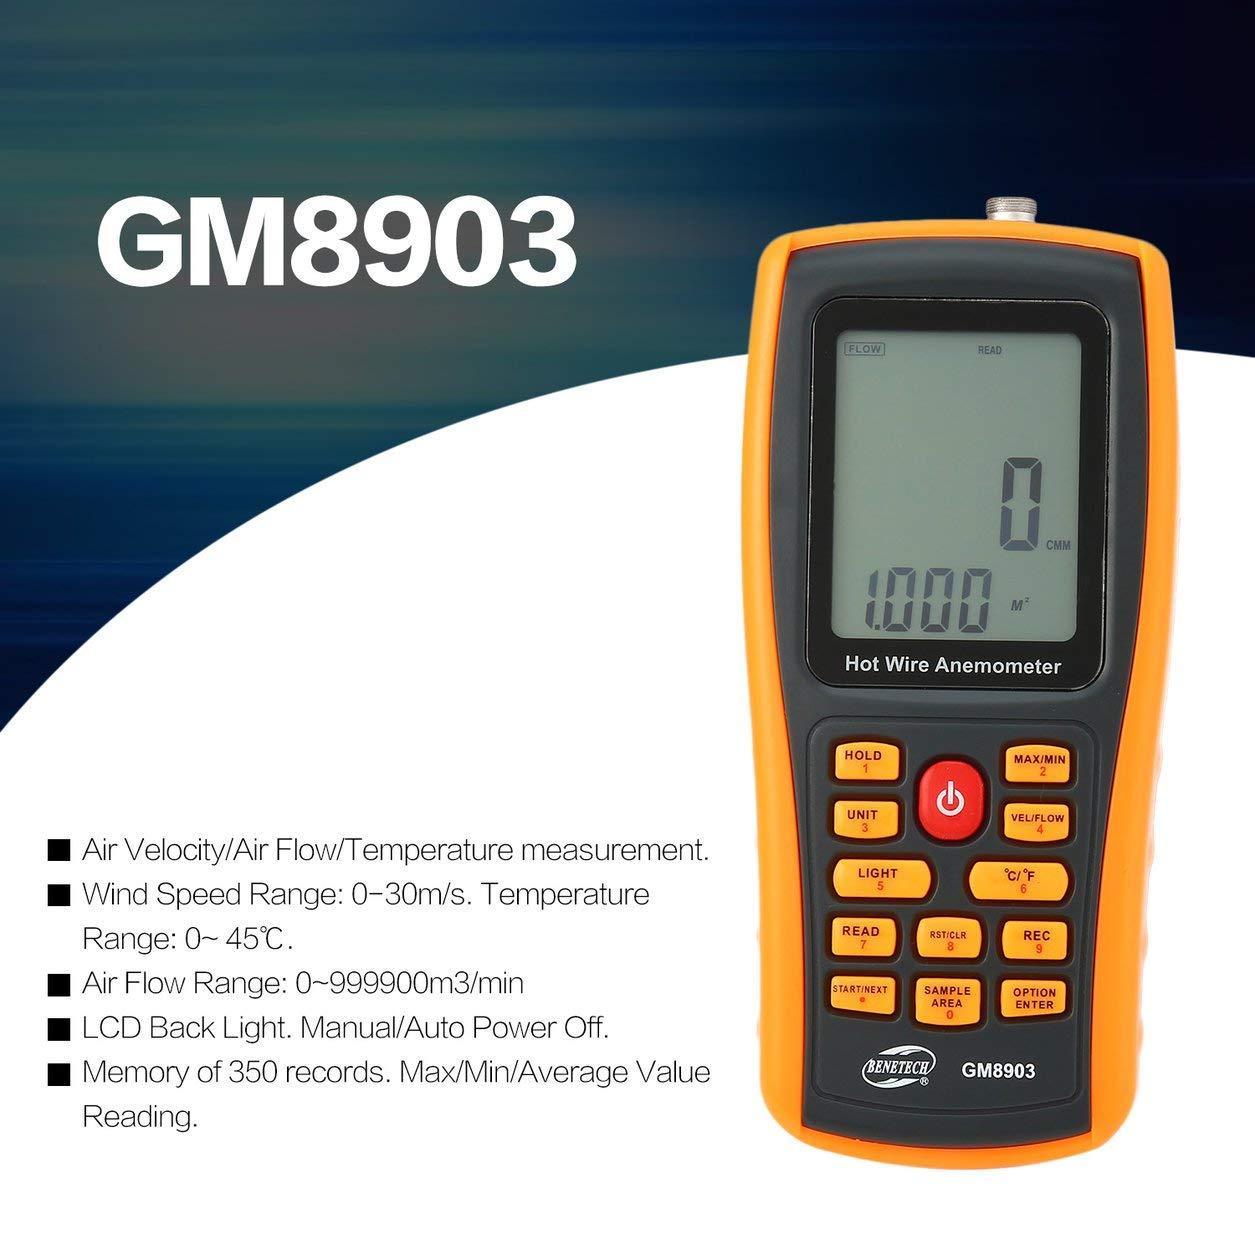 Dailyinshop BENETECH GM8903 Anemómetro Digital portátil de Alambre Caliente Medidor de Flujo de Velocidad del Viento (Color: Naranja)